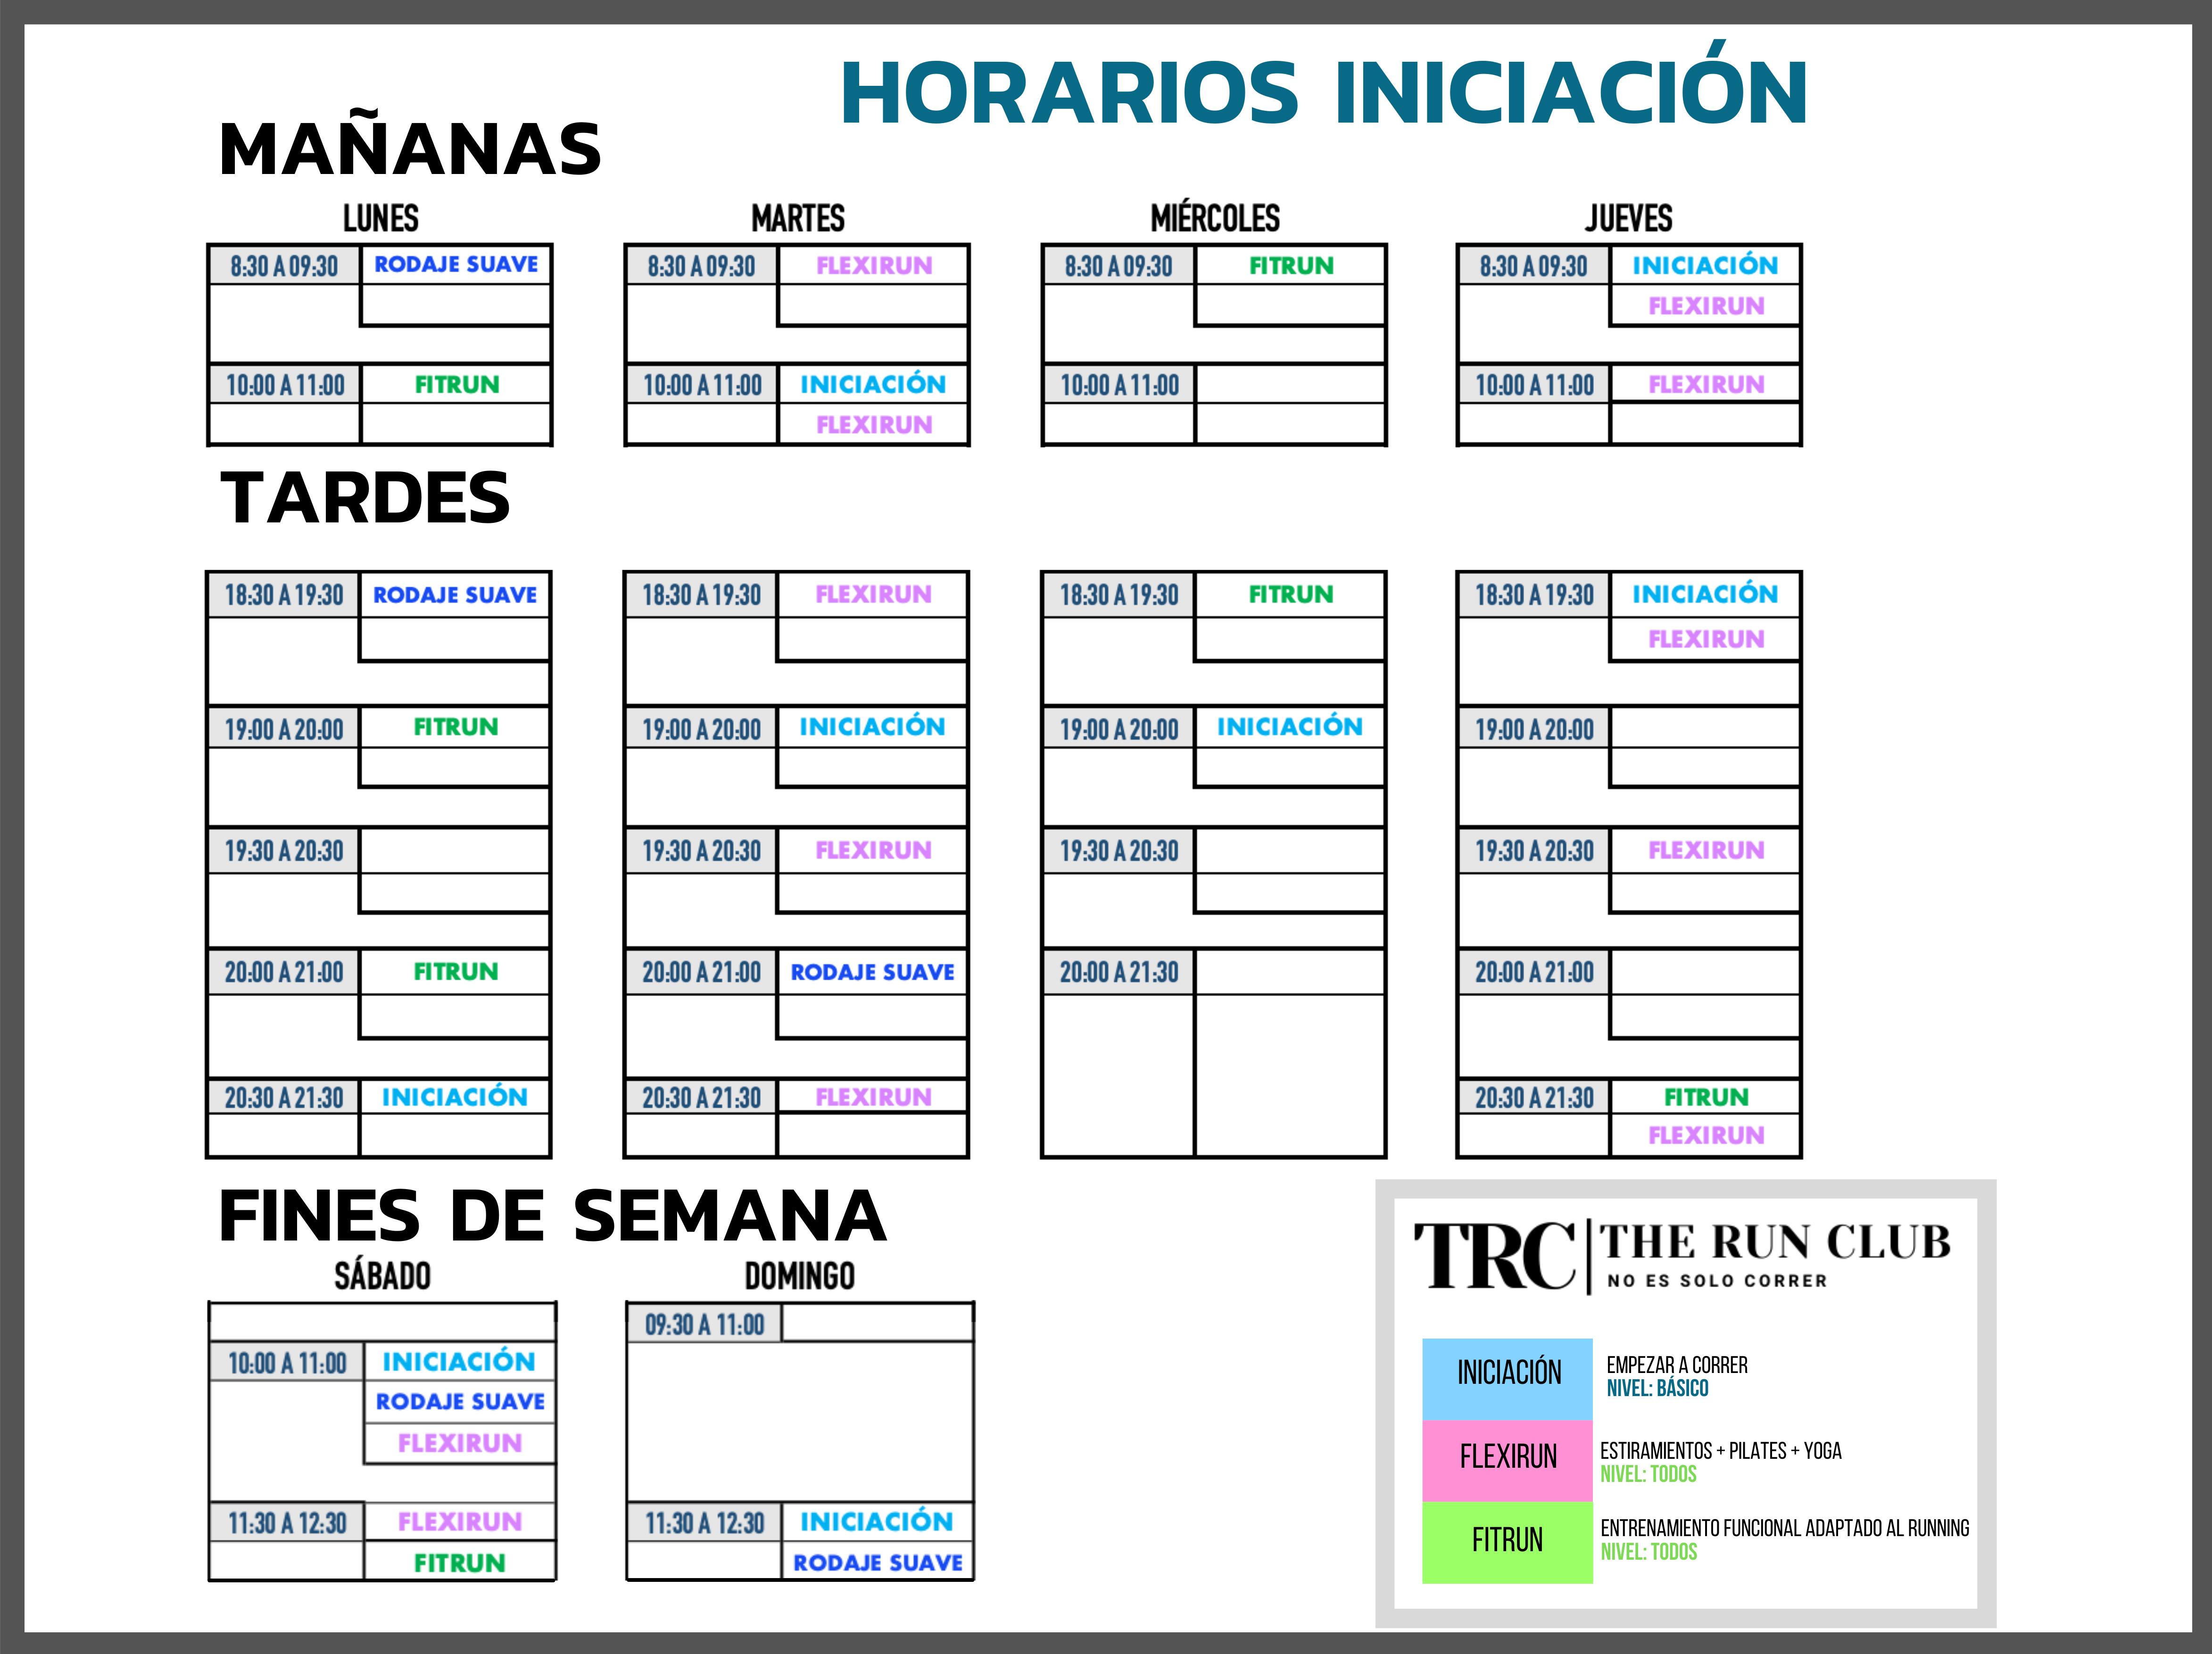 Horarios Curso de Iniciación - Empezar a correr en Madrid - TRC The Run Club